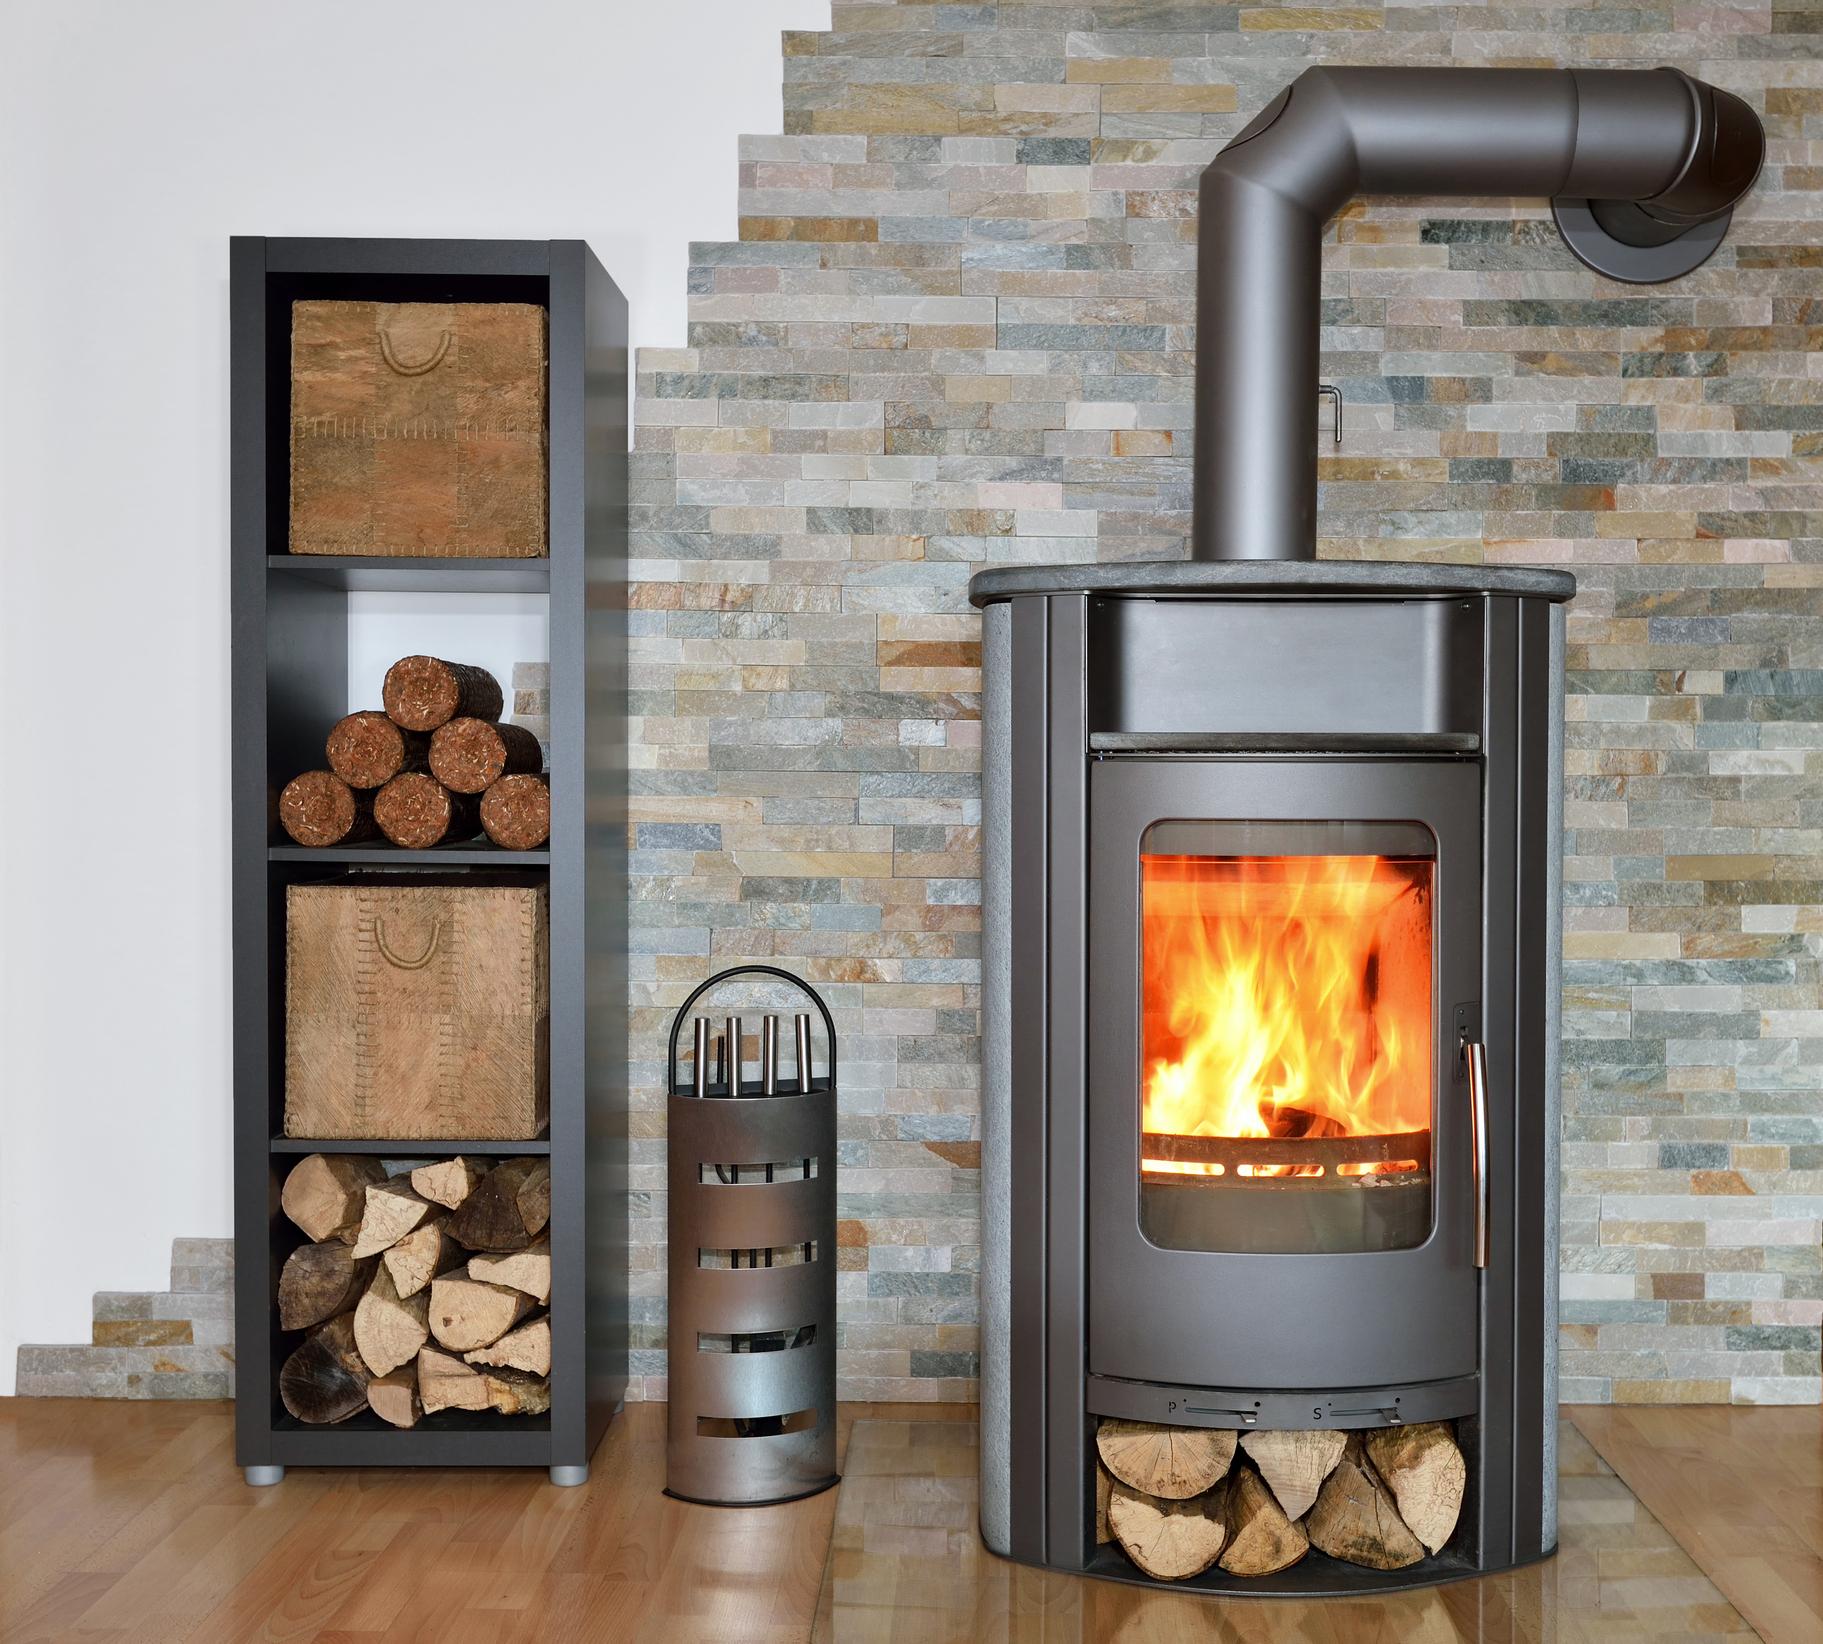 comment d terminer la puissance d un po le bois pour votre logement